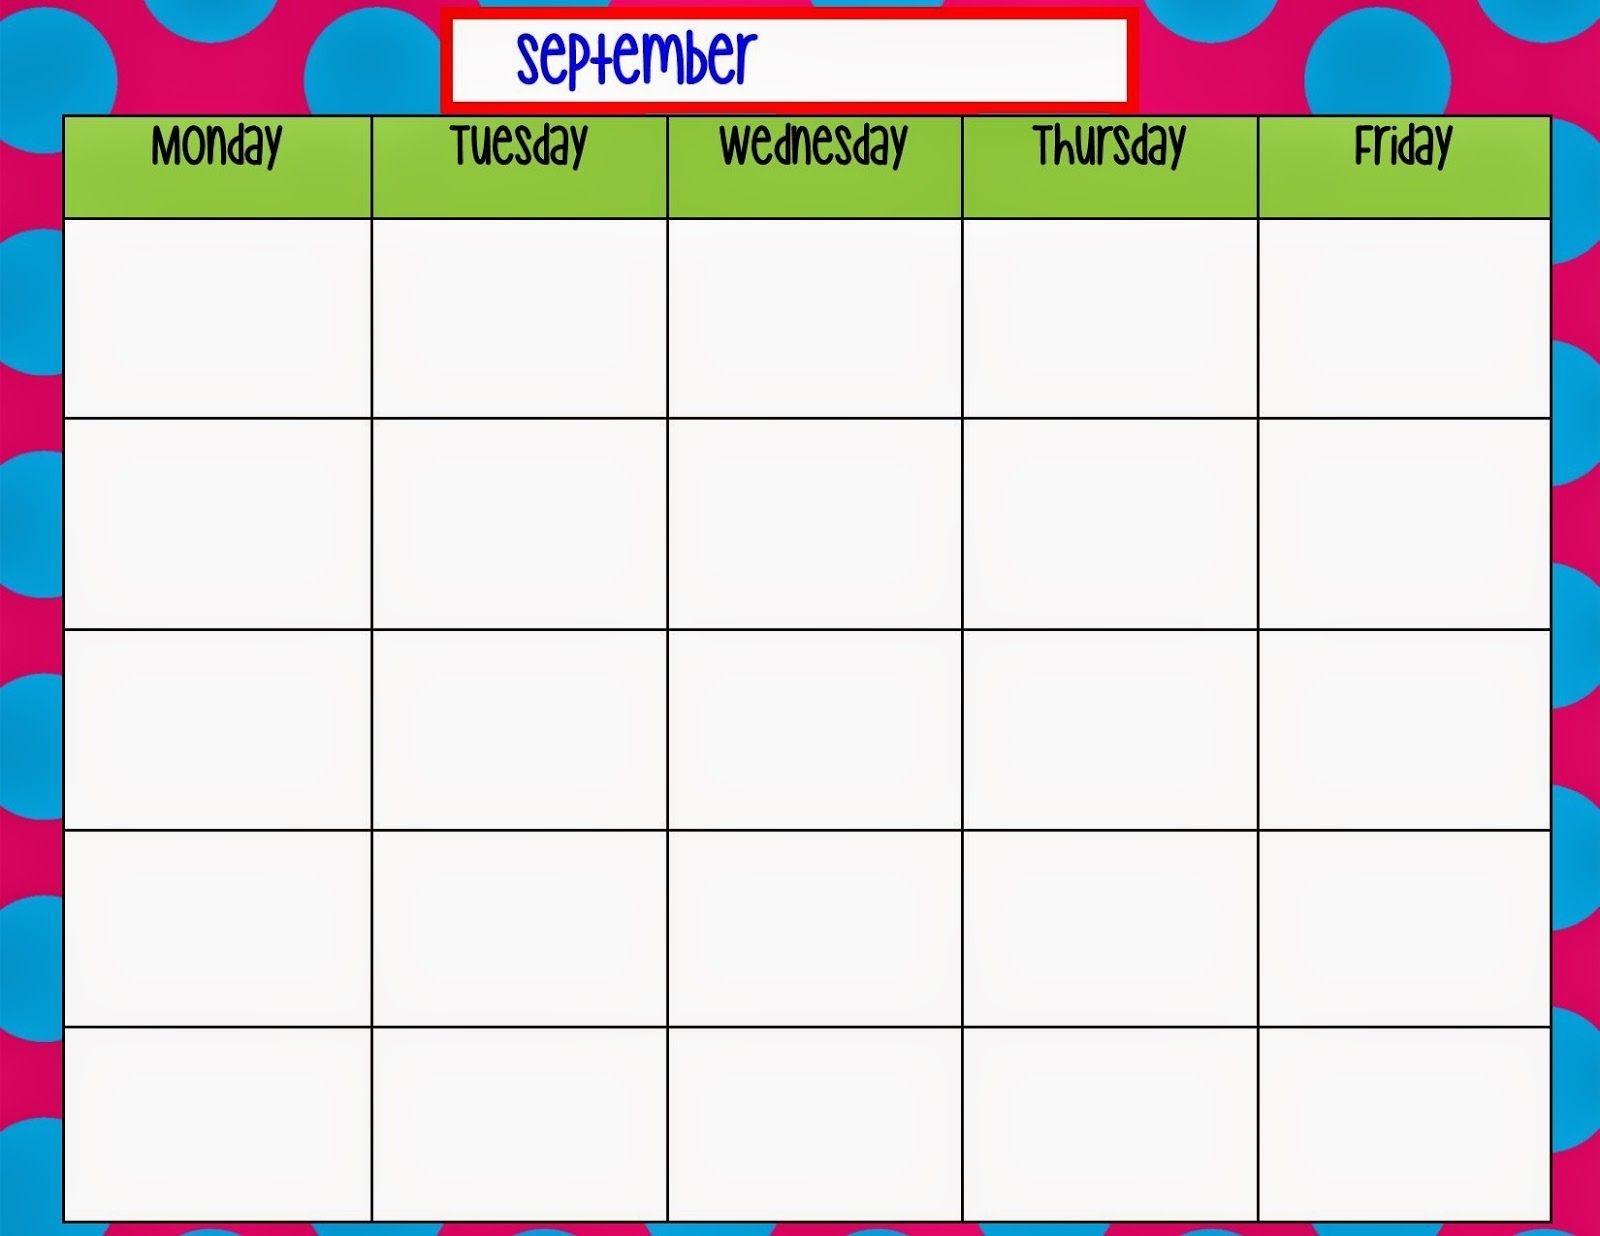 Monday Through Friday Calendar Template | Preschool | Weekly-Monday Through Friday Template